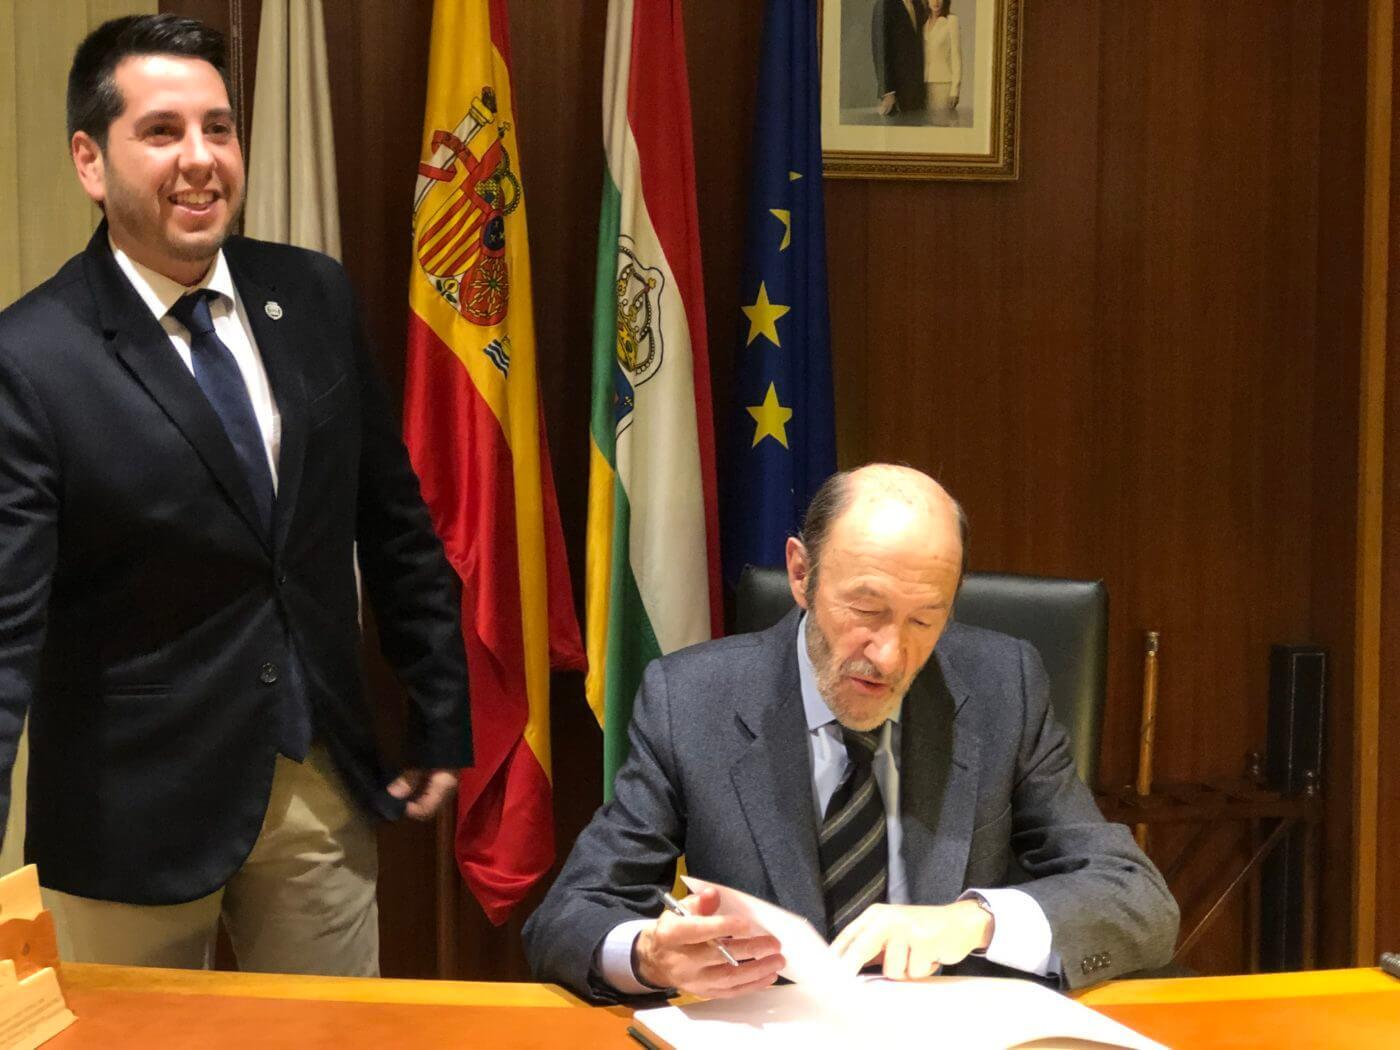 El alcalde entrega una placa de agradecimiento a Rubalcaba por su impulso al IES Celso Díaz cuando era ministro de Educación